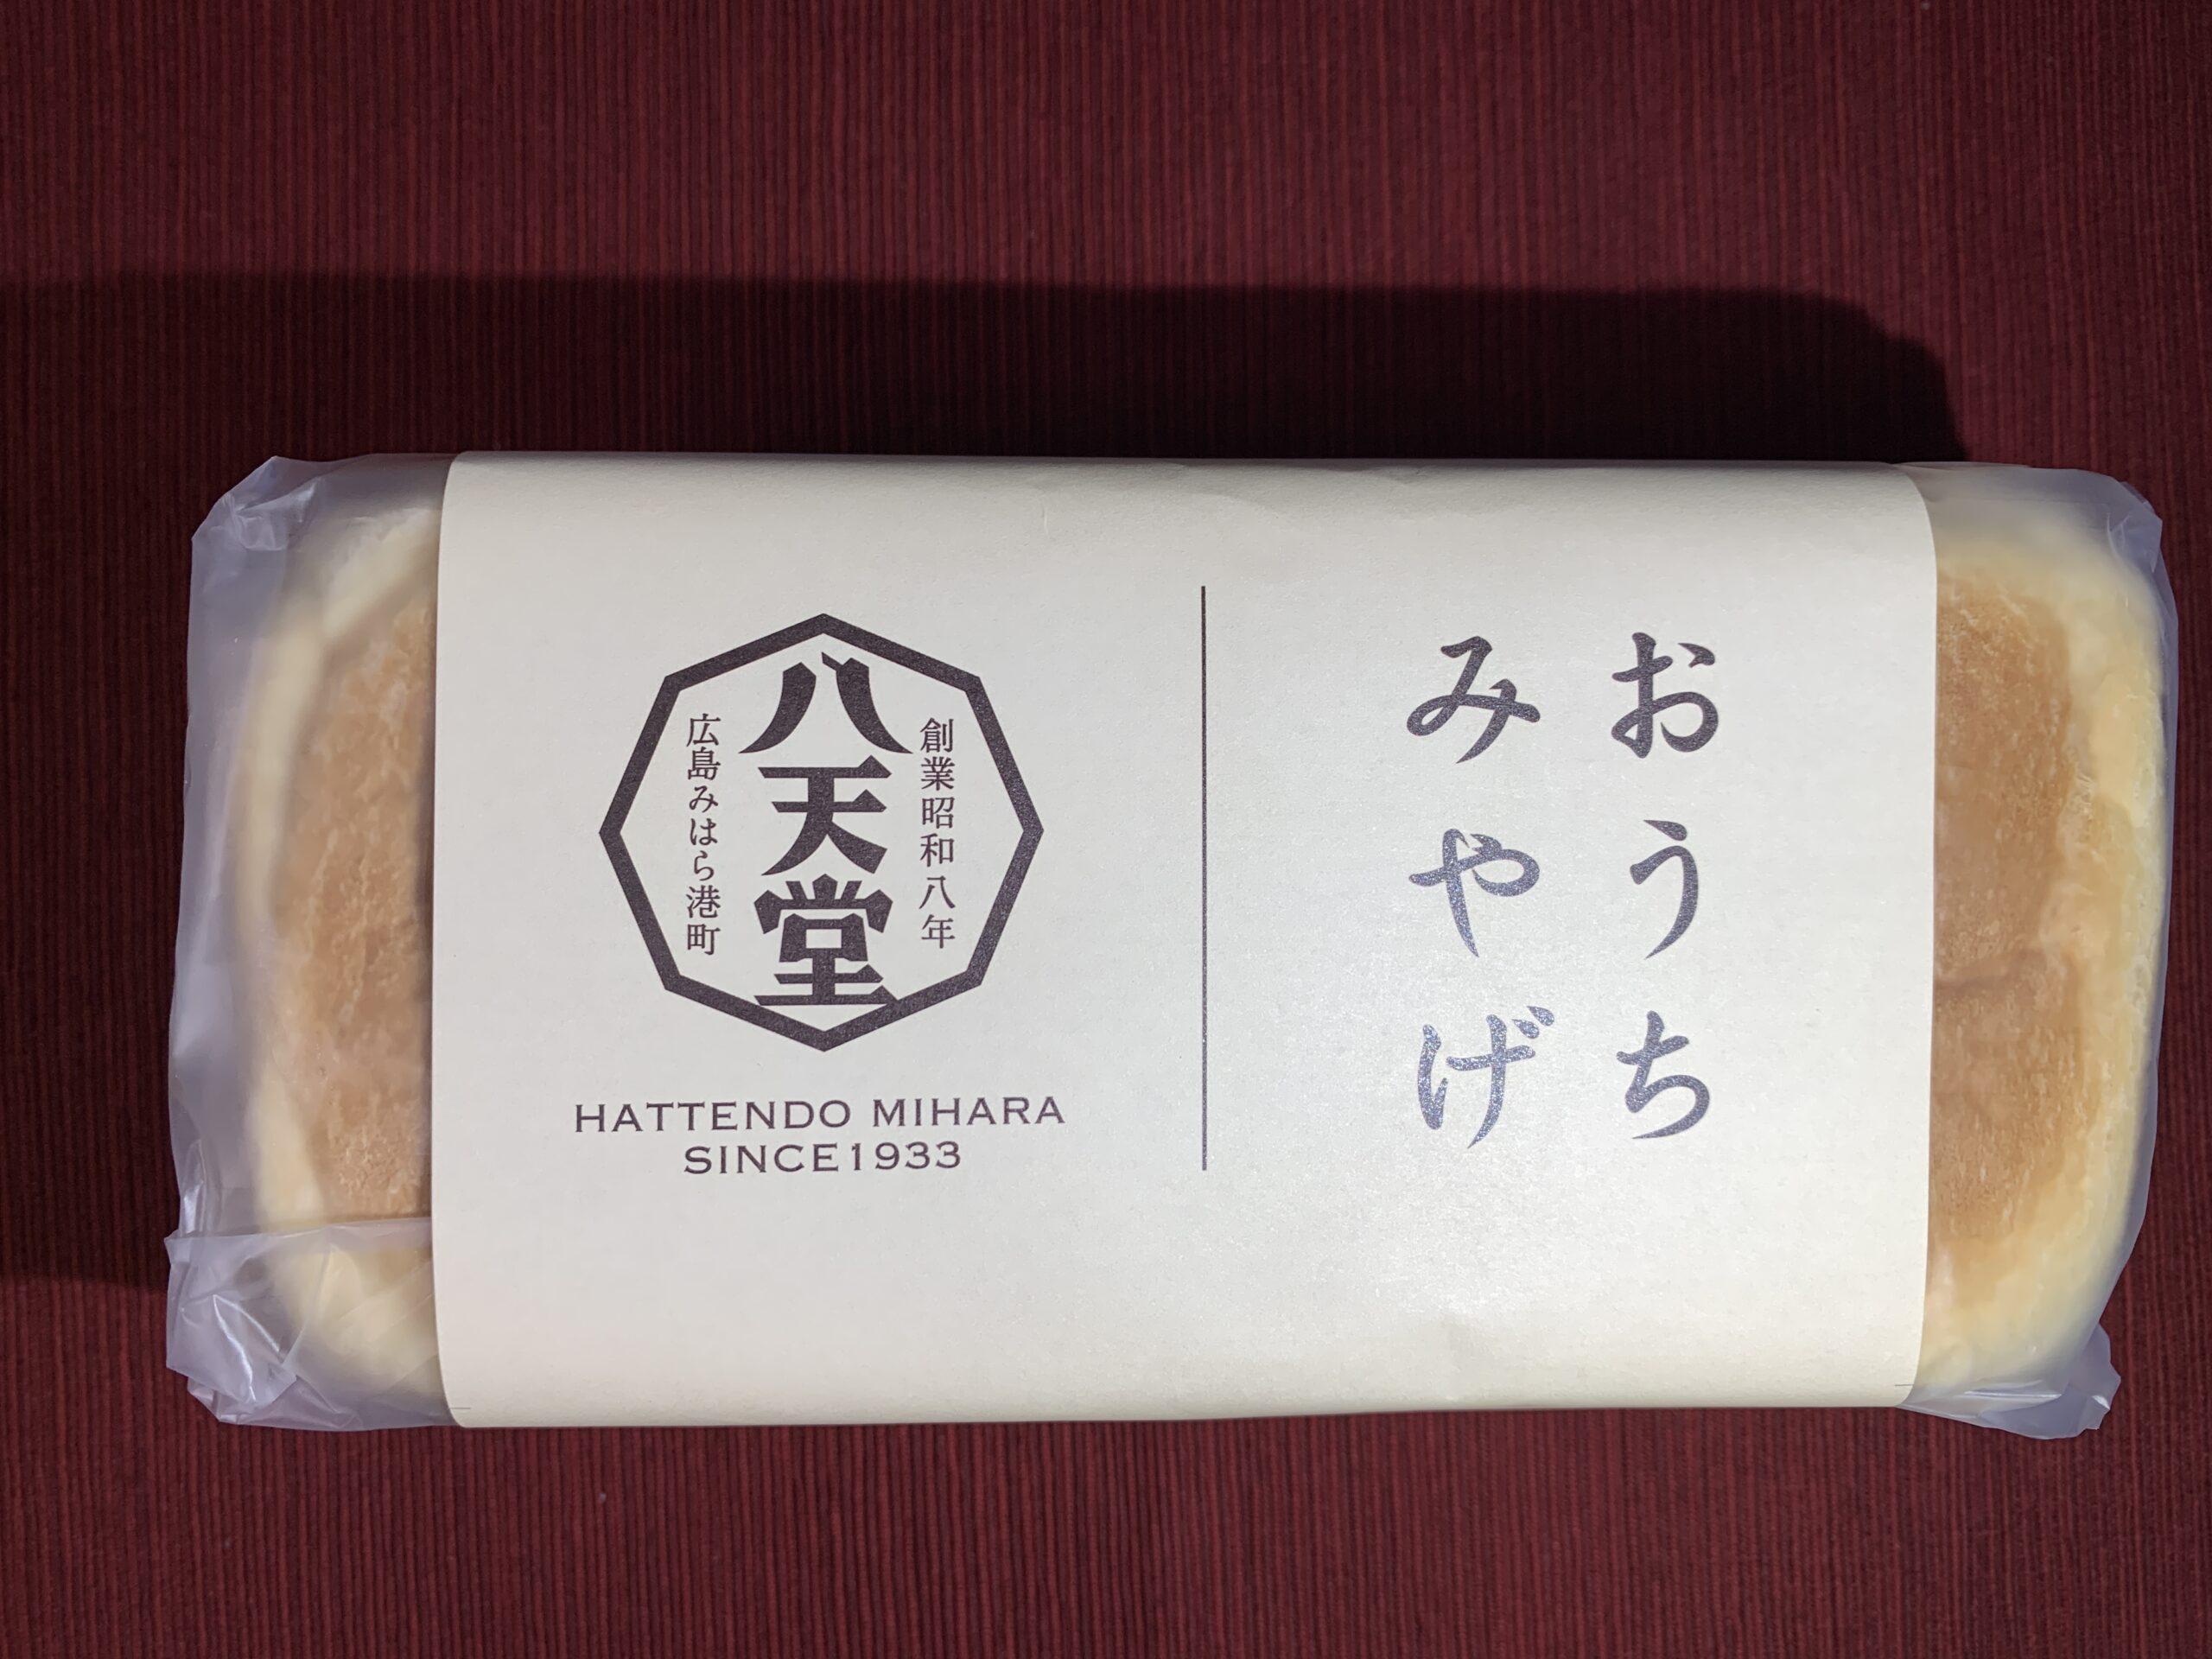 八天堂の塩バター食パンが美味しい!値段カロリー、賞味期限は?